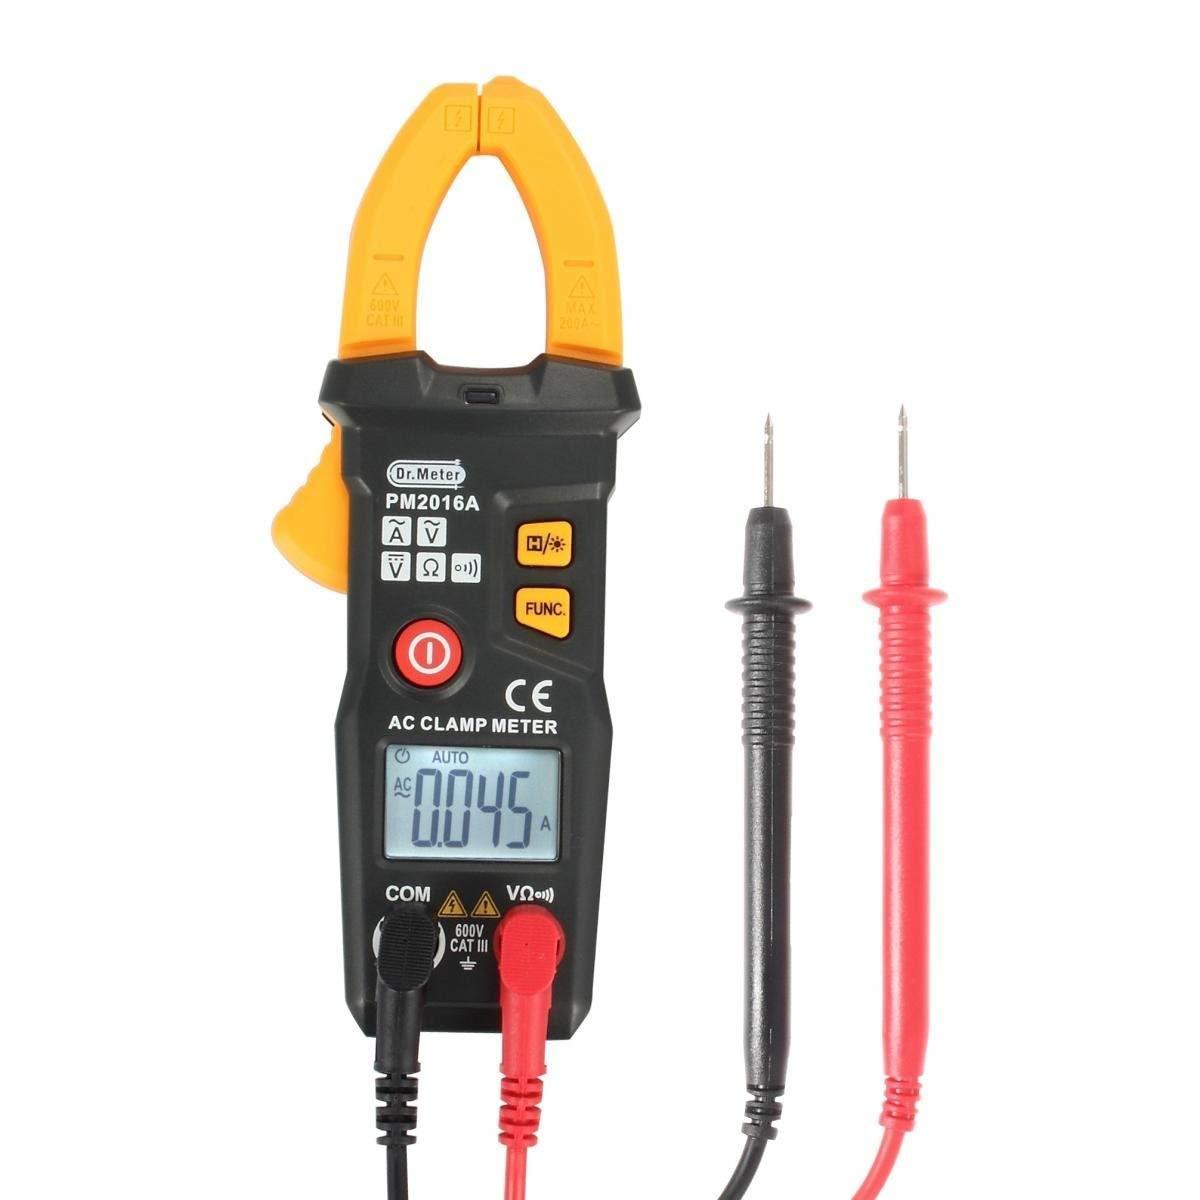 Dr.meter Mini PM2016A pinza multí metro digital con luz de fondo y auto apagado, 6000 cuentas, de color amarillo - Nivel A